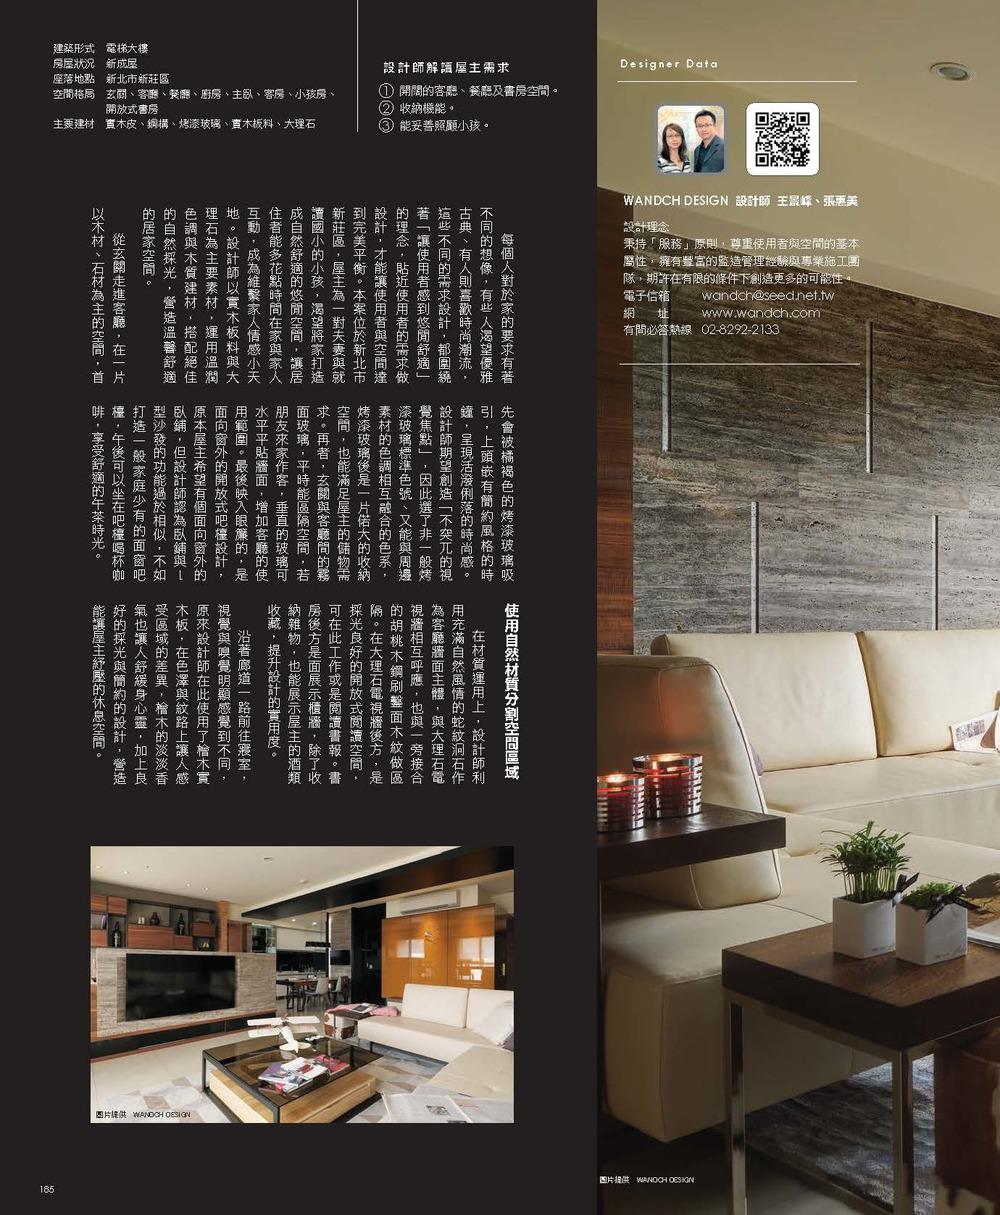 漂居2015-頁面_3.jpg